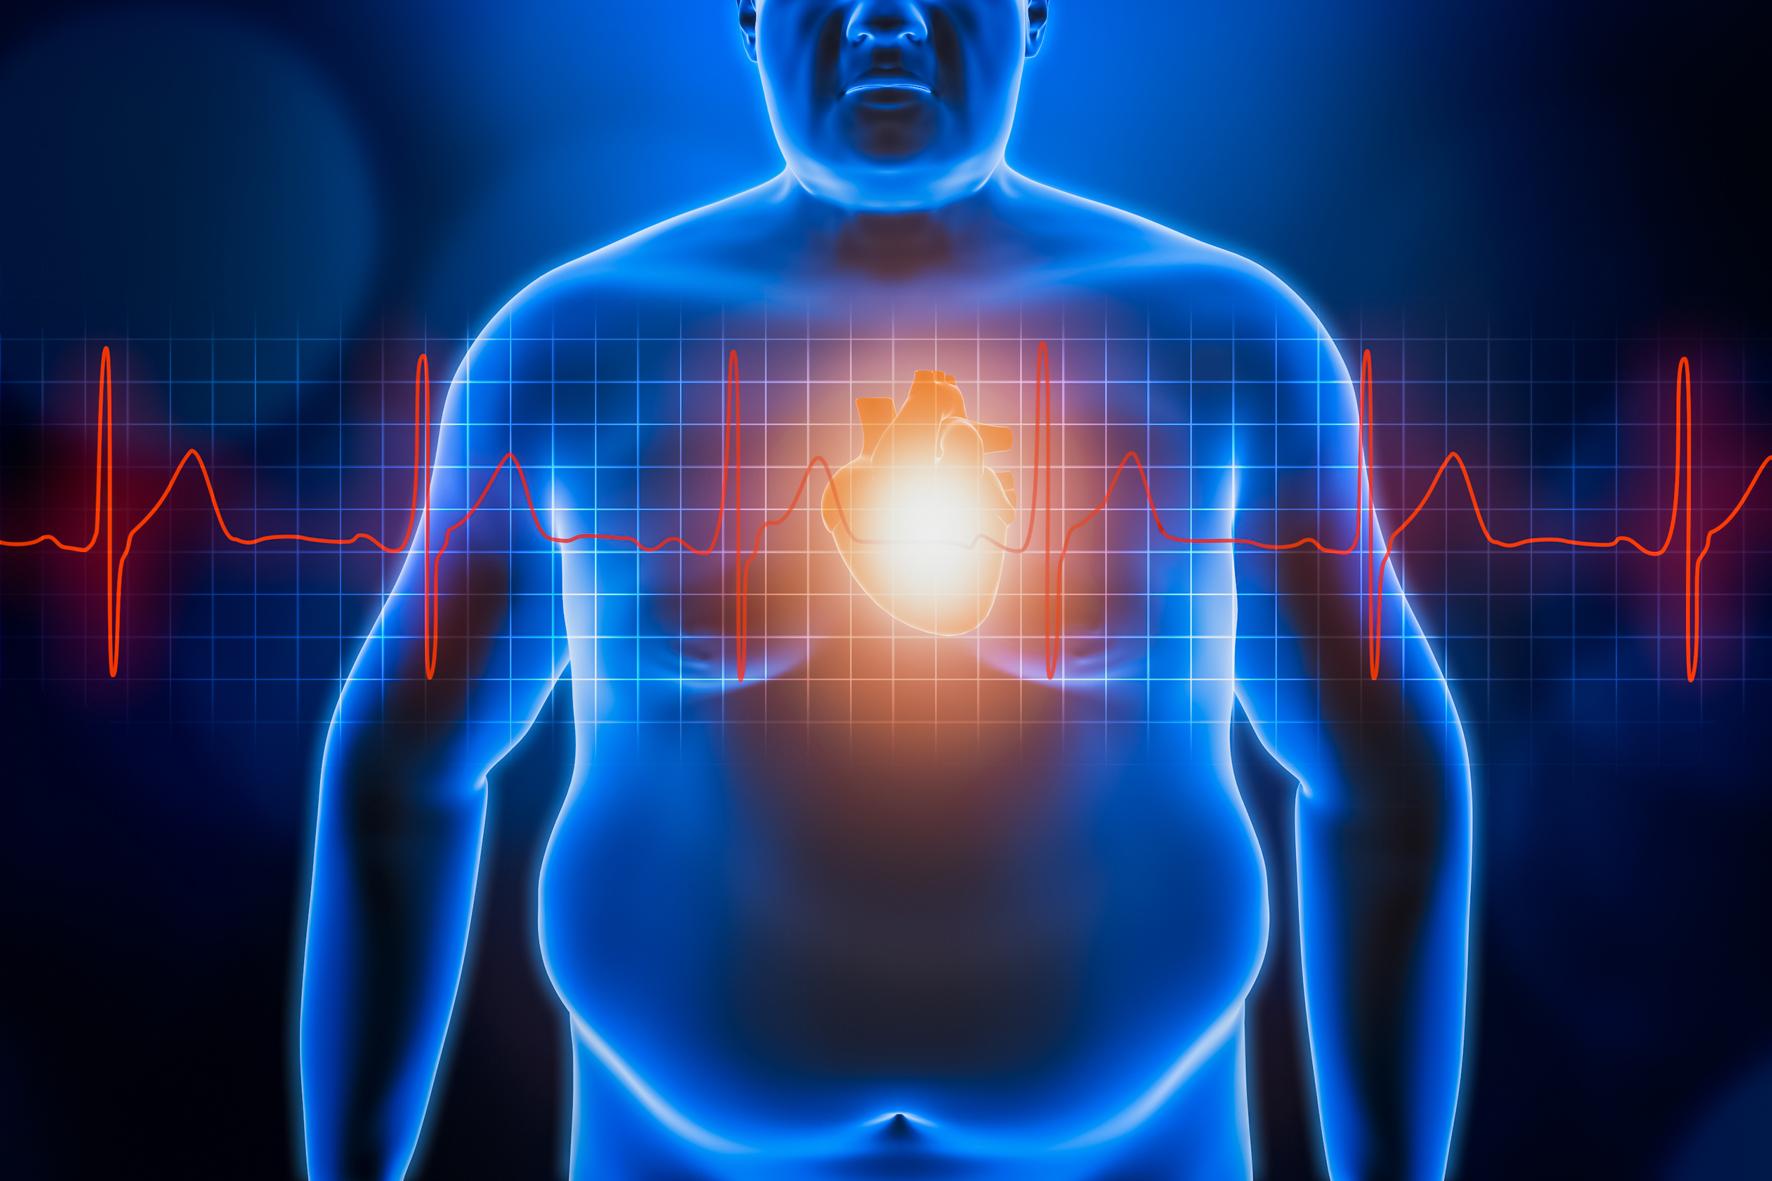 Chronisches Energiedefizit iStock 1197645998 - Wie Stress Verdauungsprobleme, Hormonstörungen oder Krebs verursacht